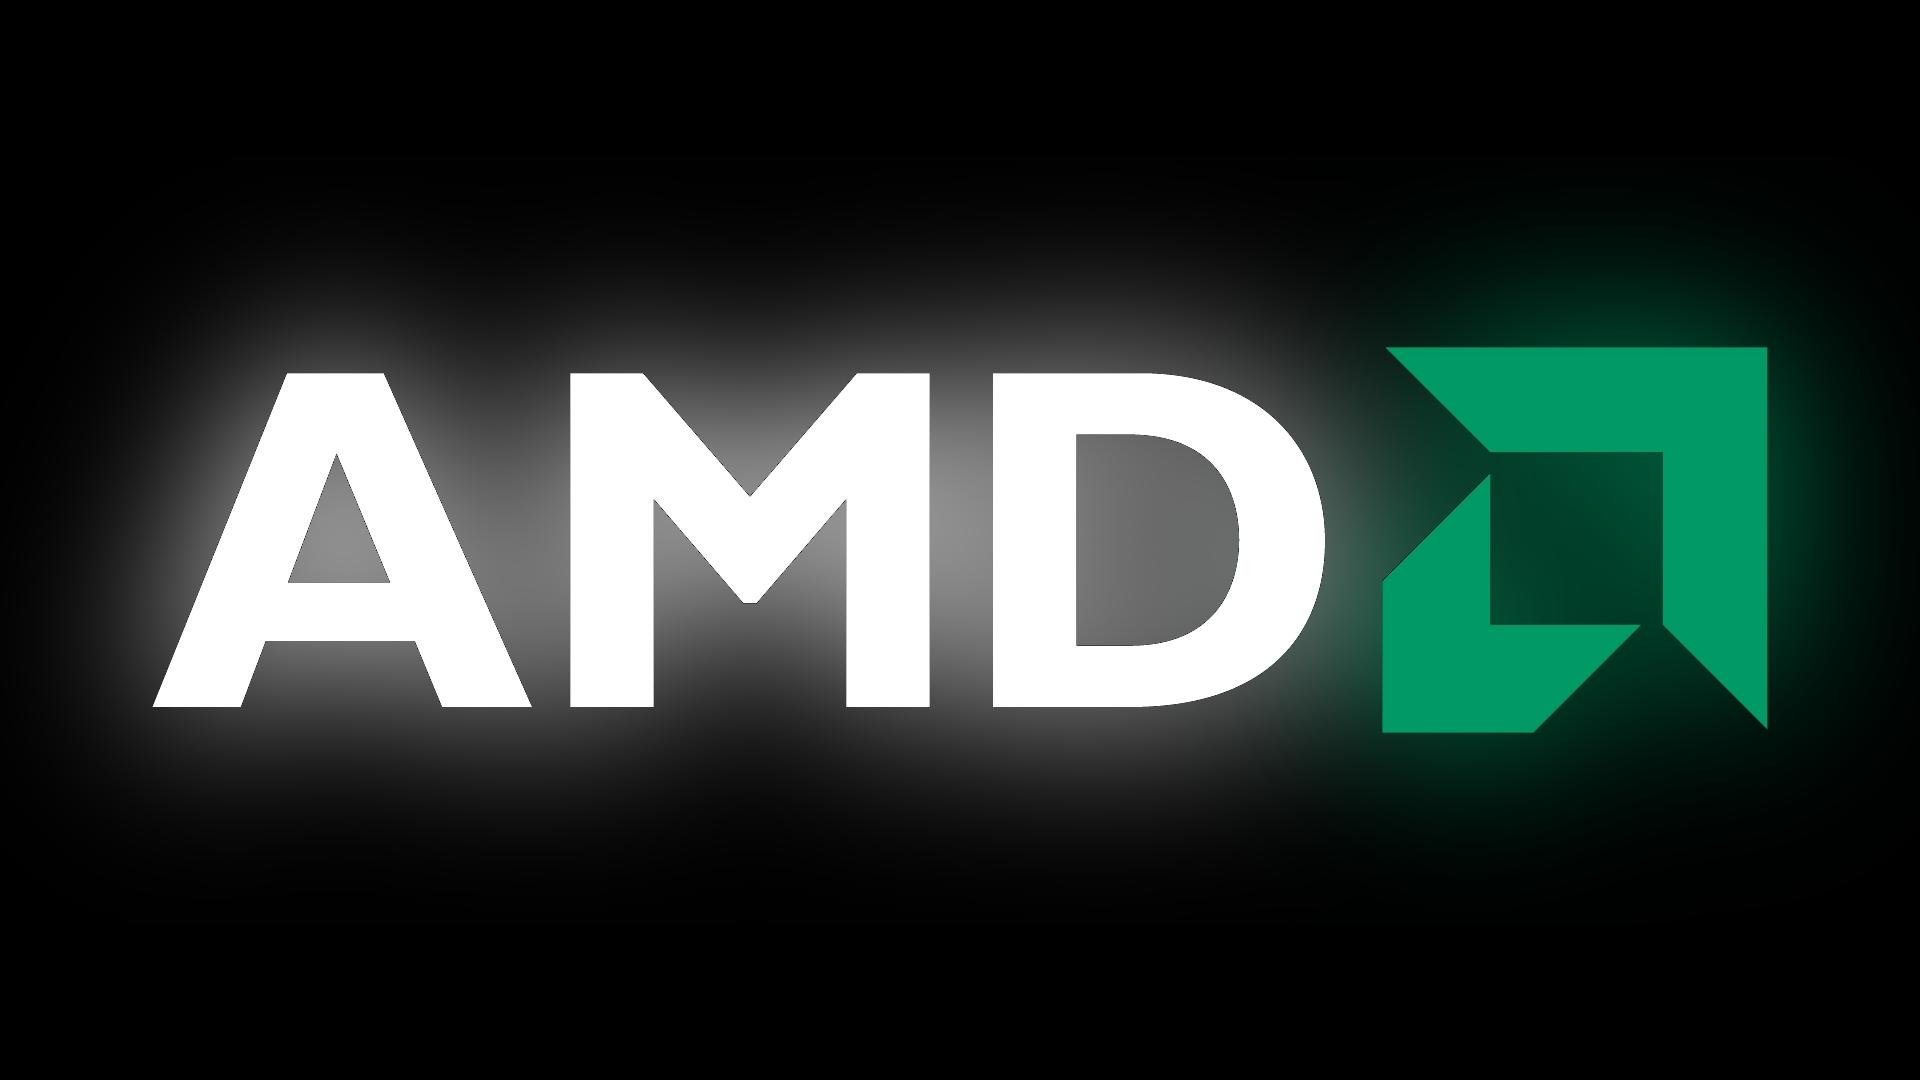 как полностью удалить драйвера AMD с компьютера